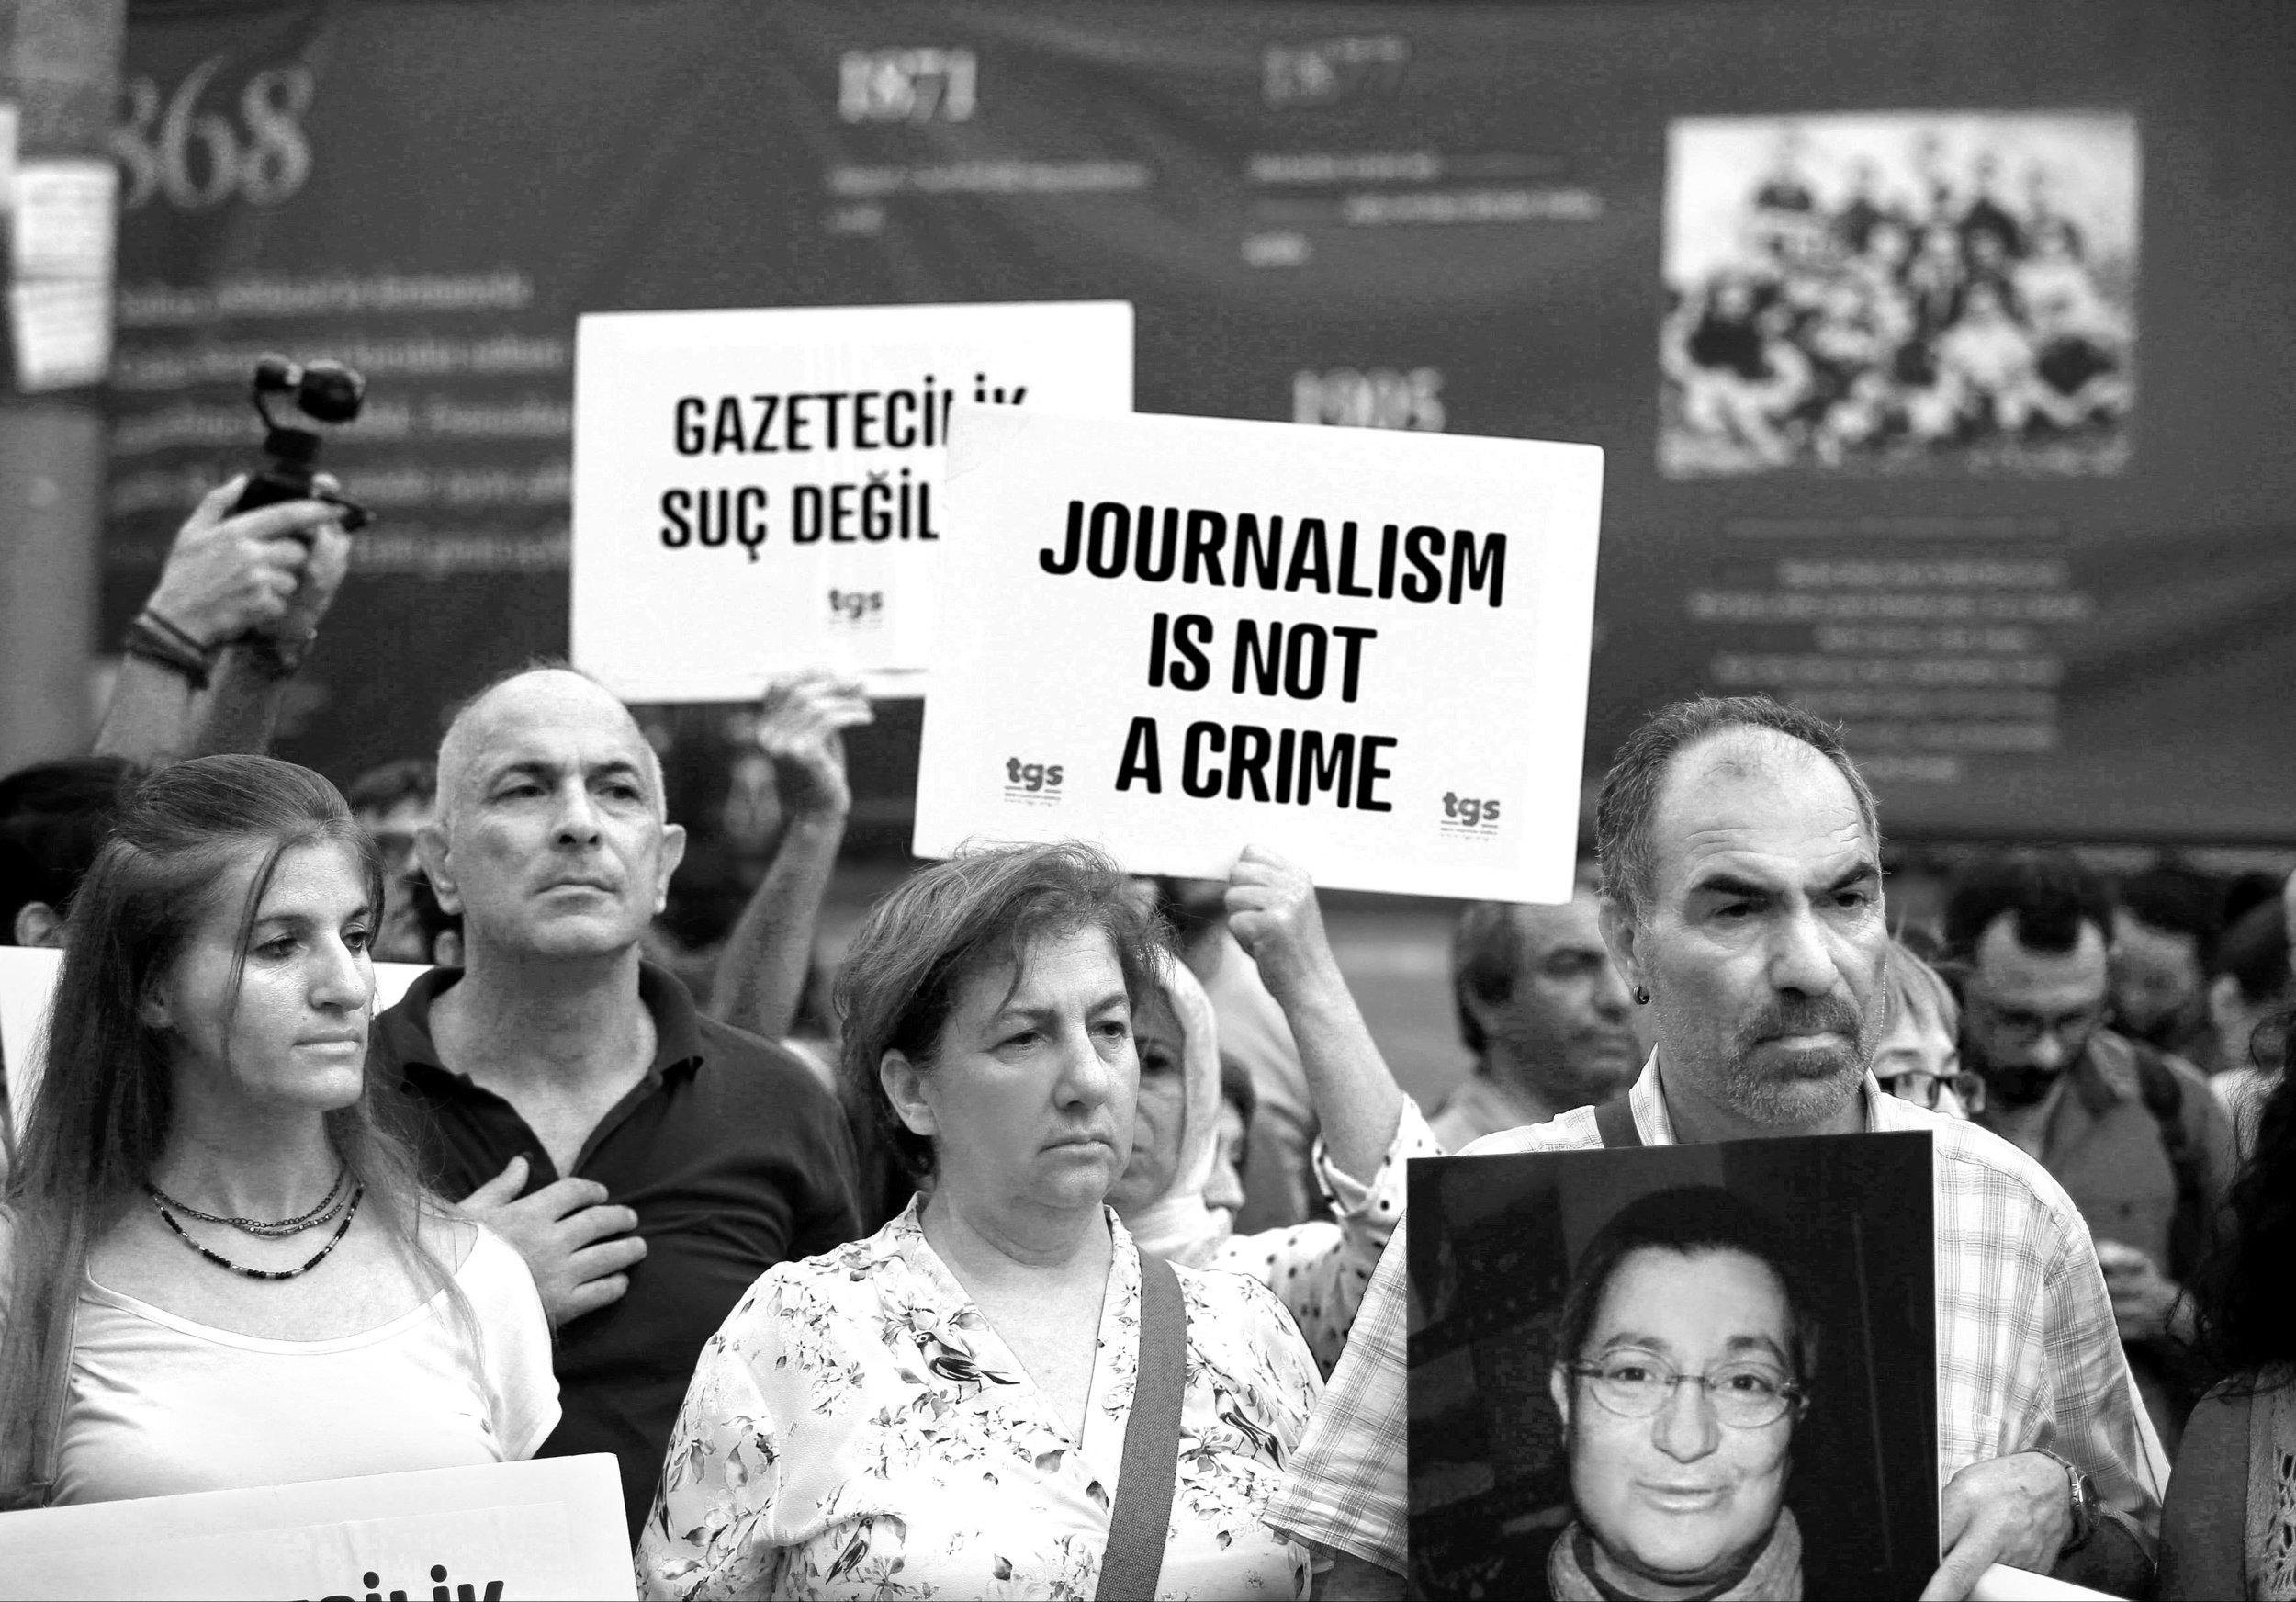 Medienschaffende fordern Gewerkschaftsrechte und Informationsfreiheit. Foto: REUTERS/ Osman Orsal